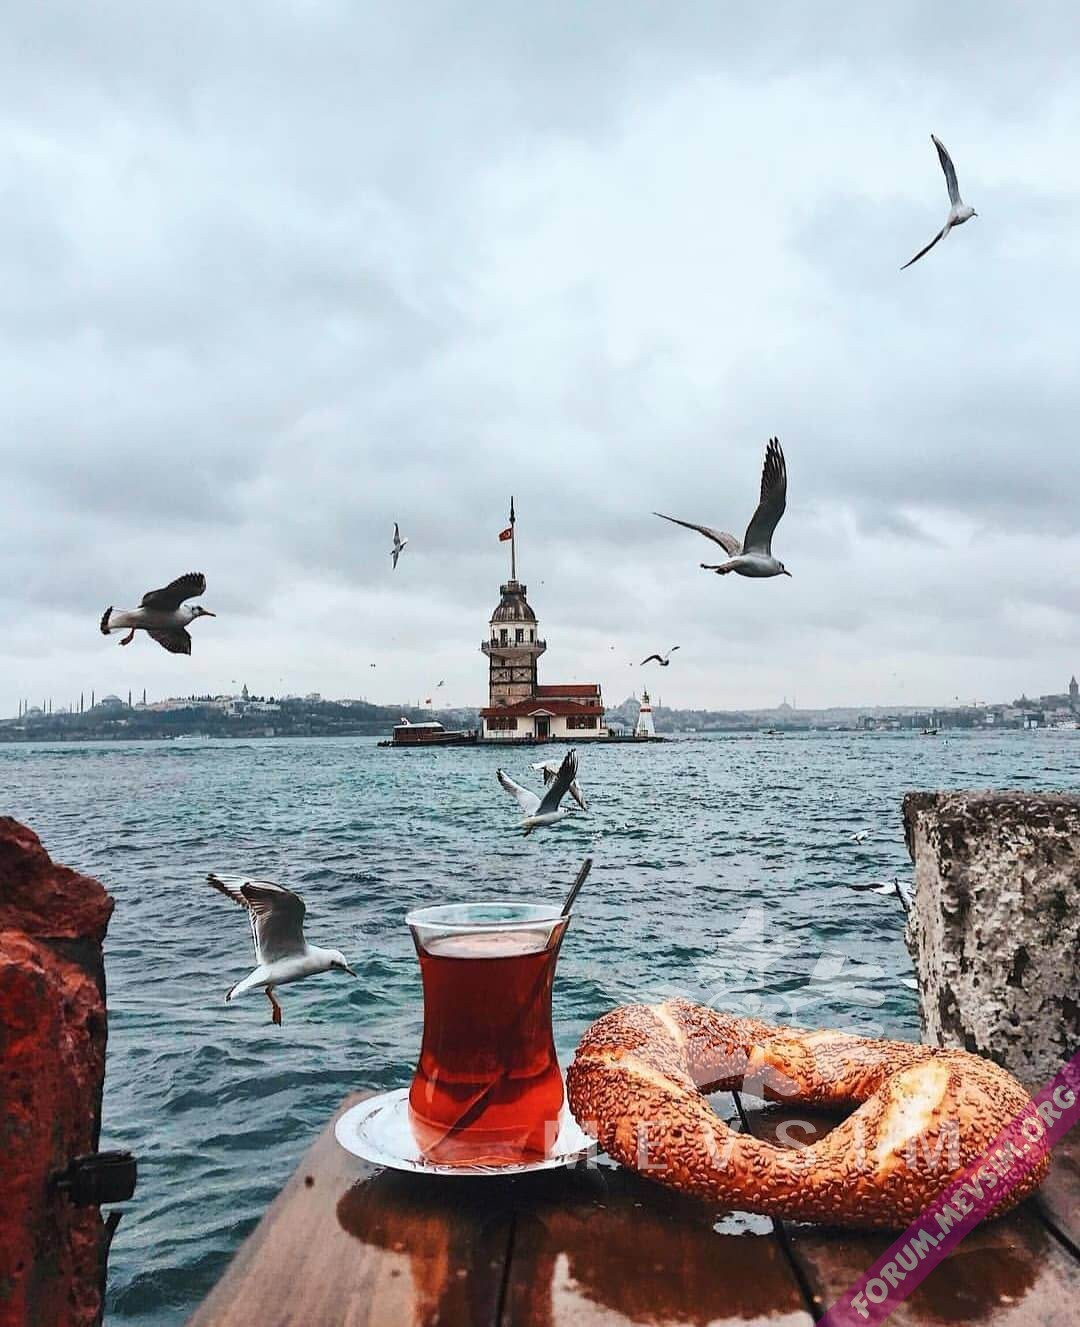 İstanbulda_yapilacak_aktiviteler_kiz_kulesi-1.jpg